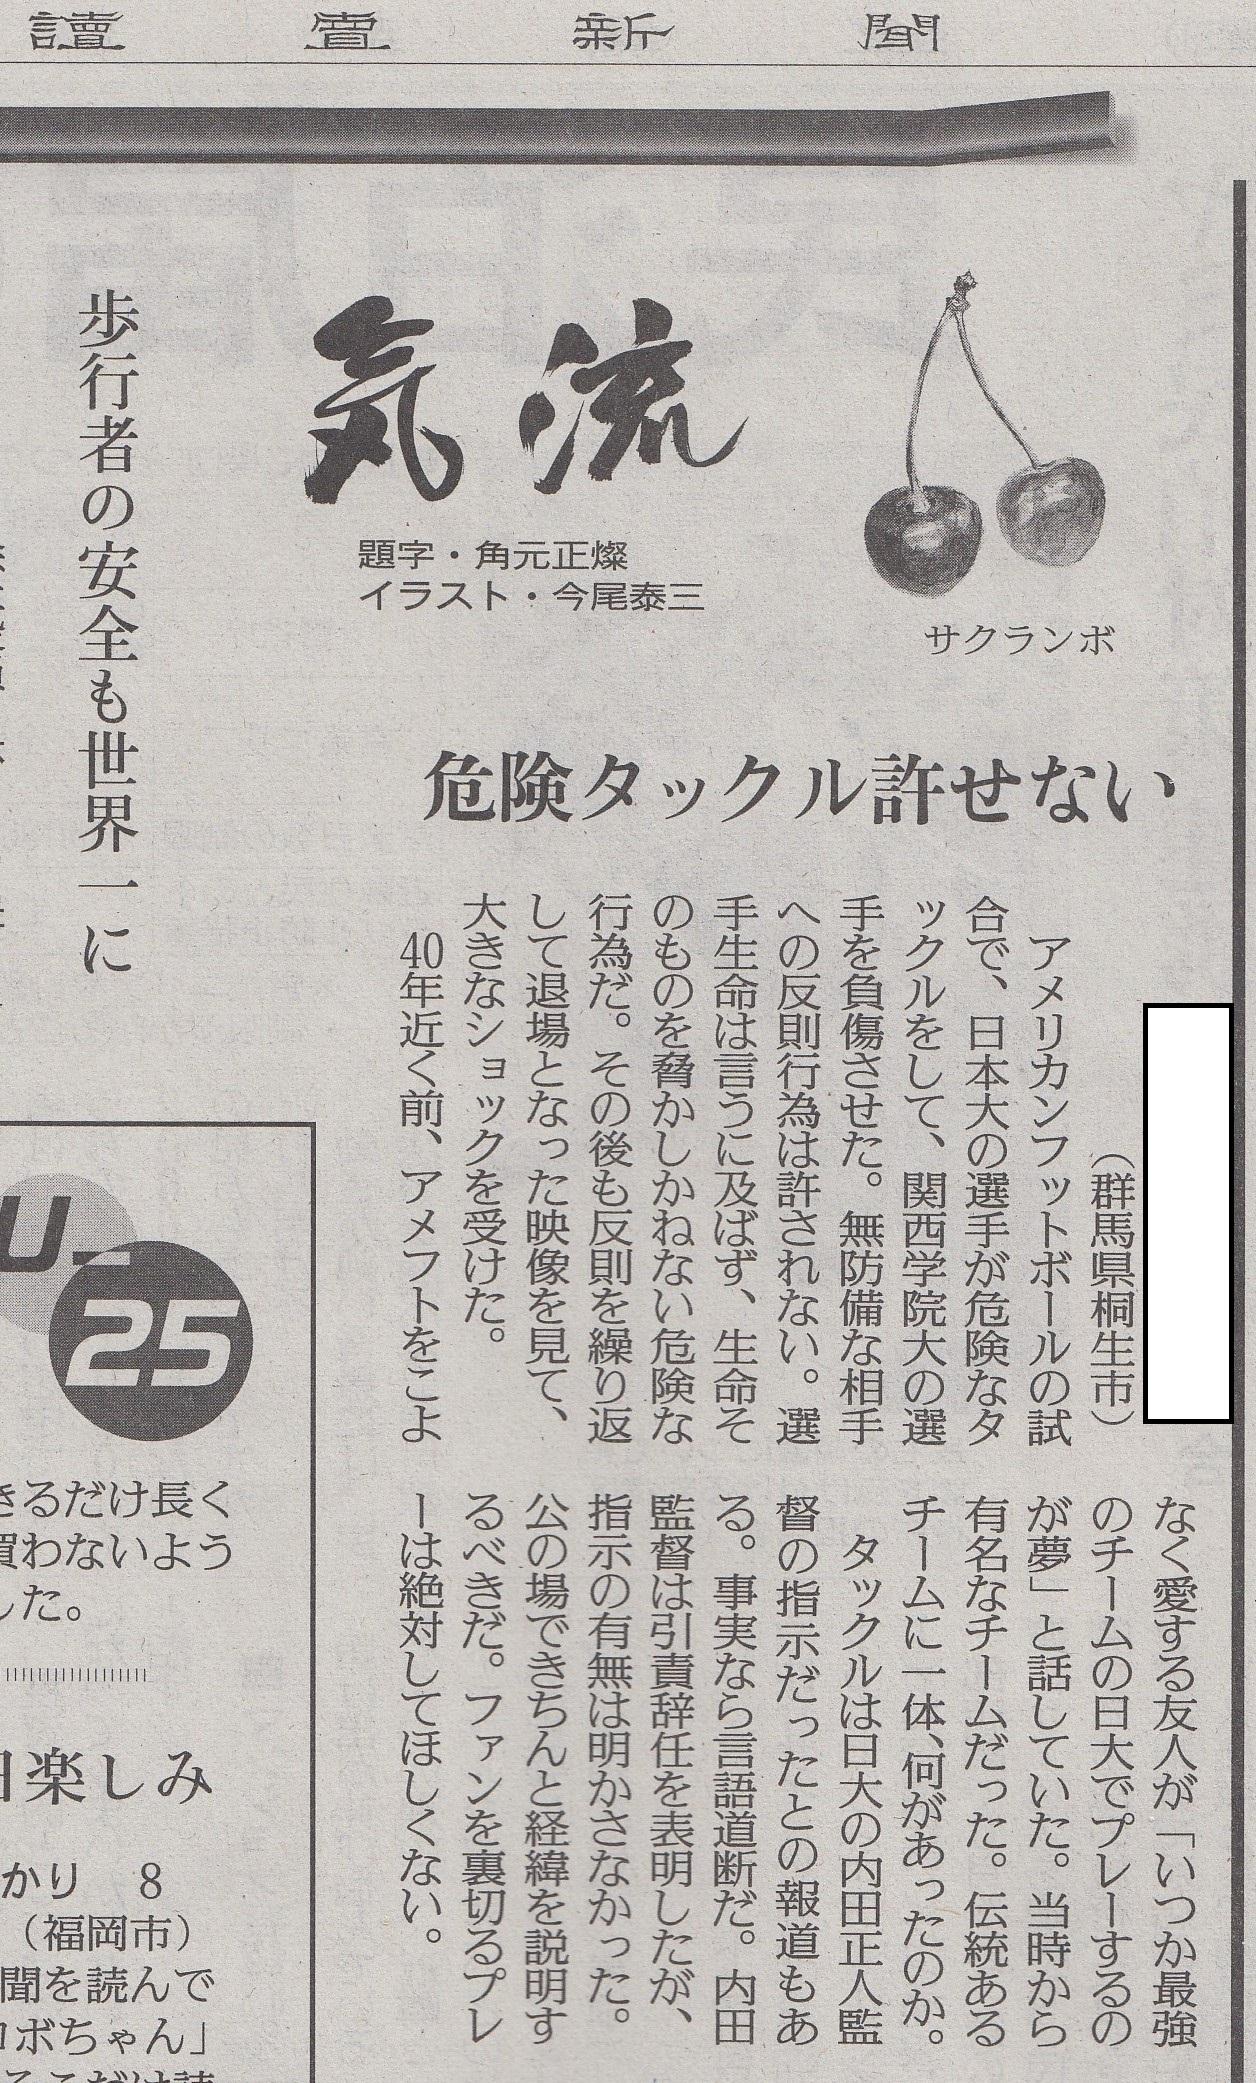 読売投稿文